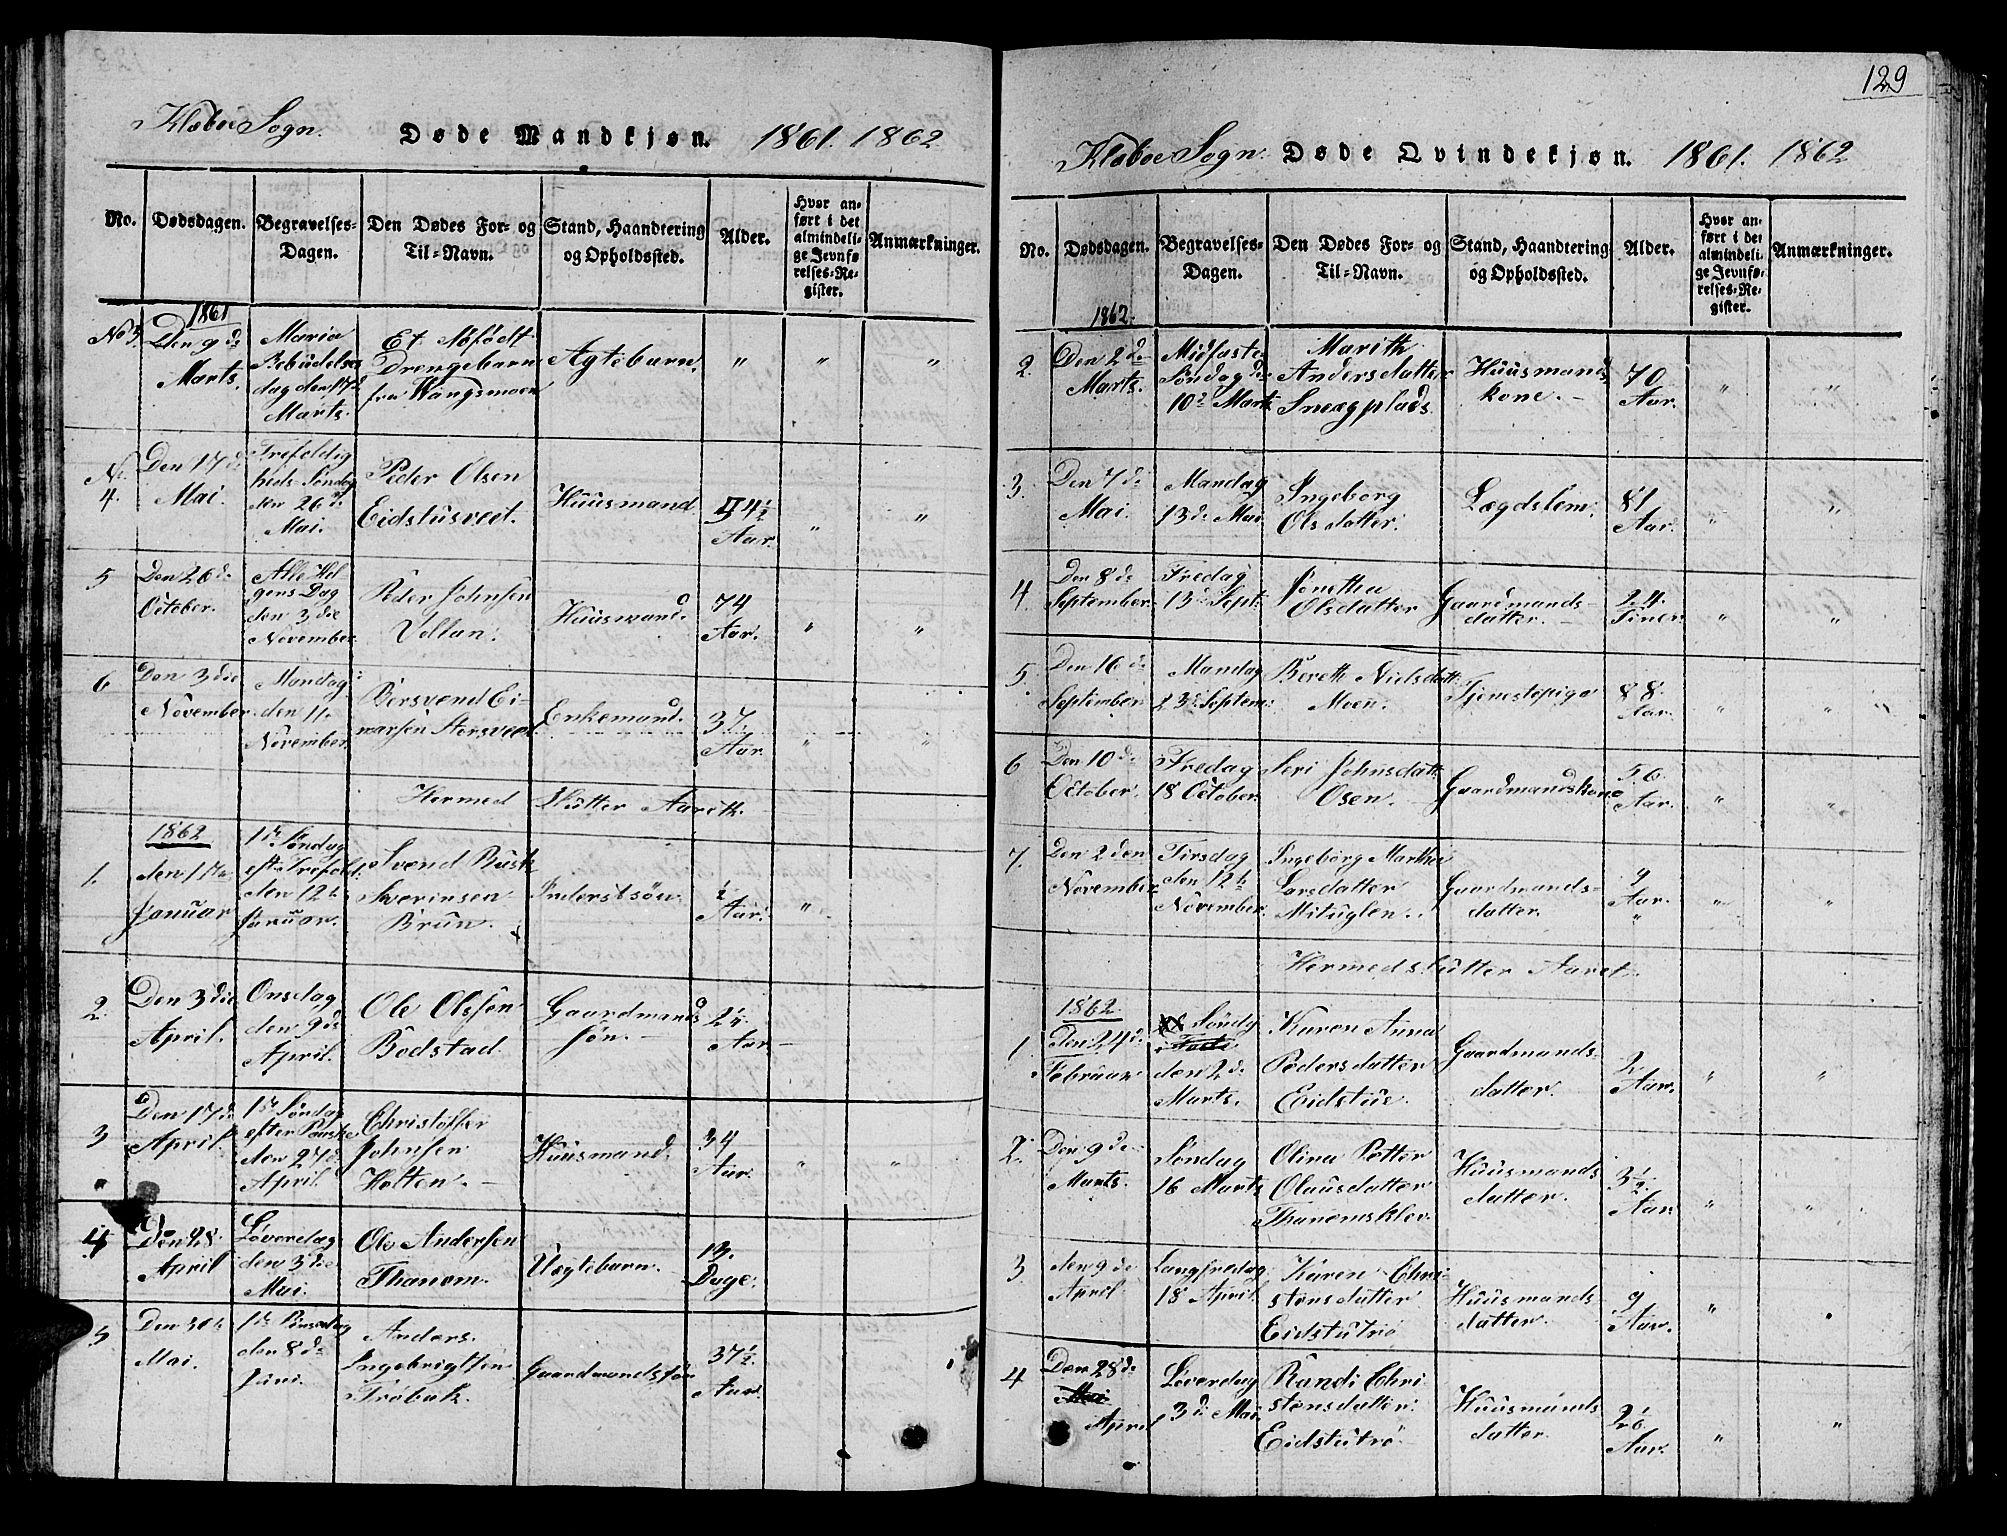 SAT, Ministerialprotokoller, klokkerbøker og fødselsregistre - Sør-Trøndelag, 618/L0450: Klokkerbok nr. 618C01, 1816-1865, s. 129